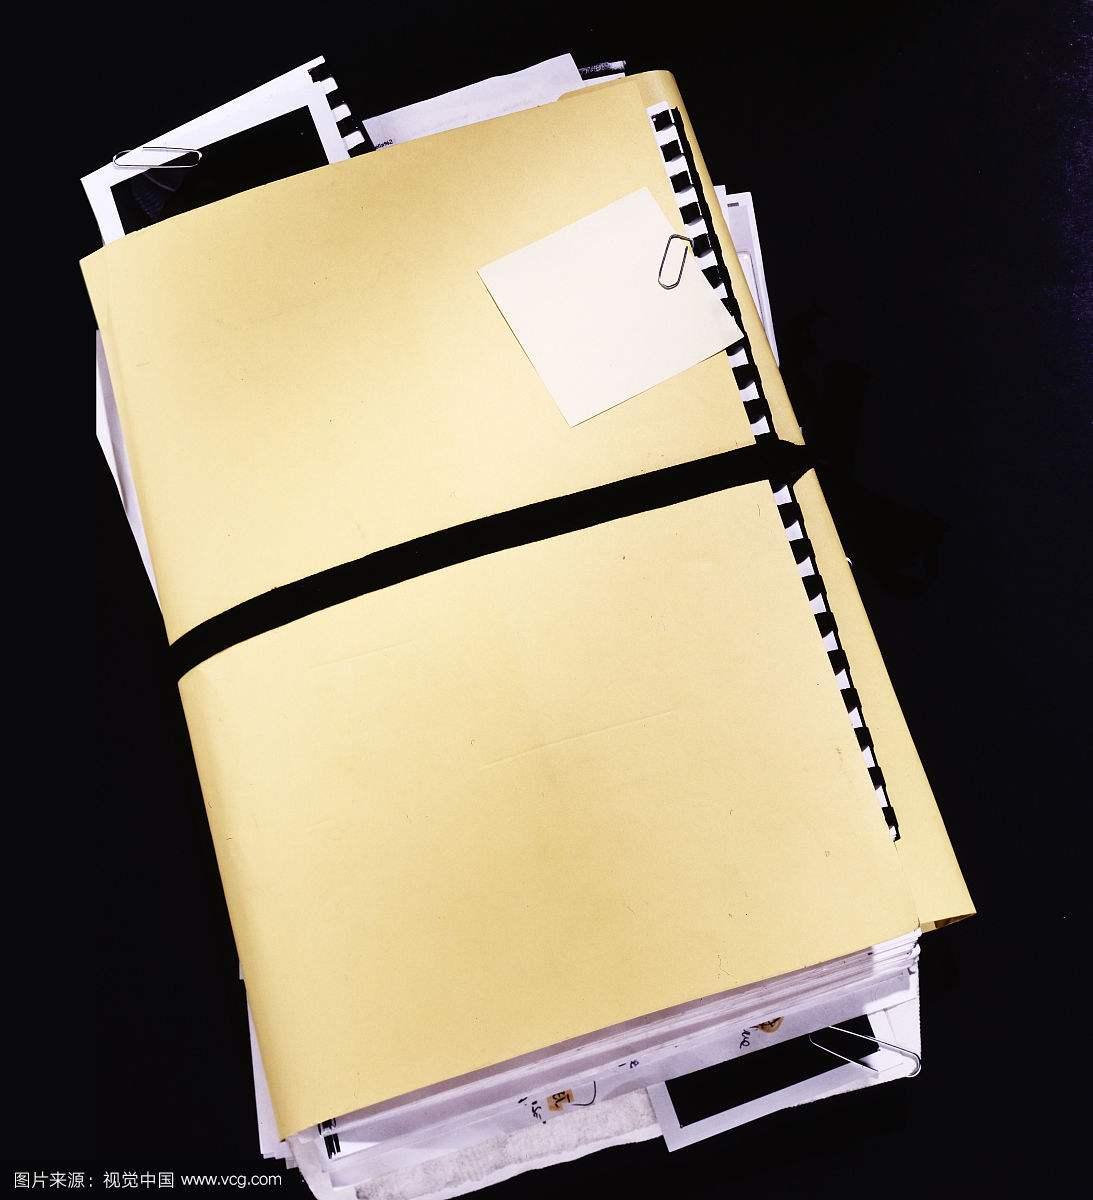 海外留学,如何存放档案重要吗?非常重要!